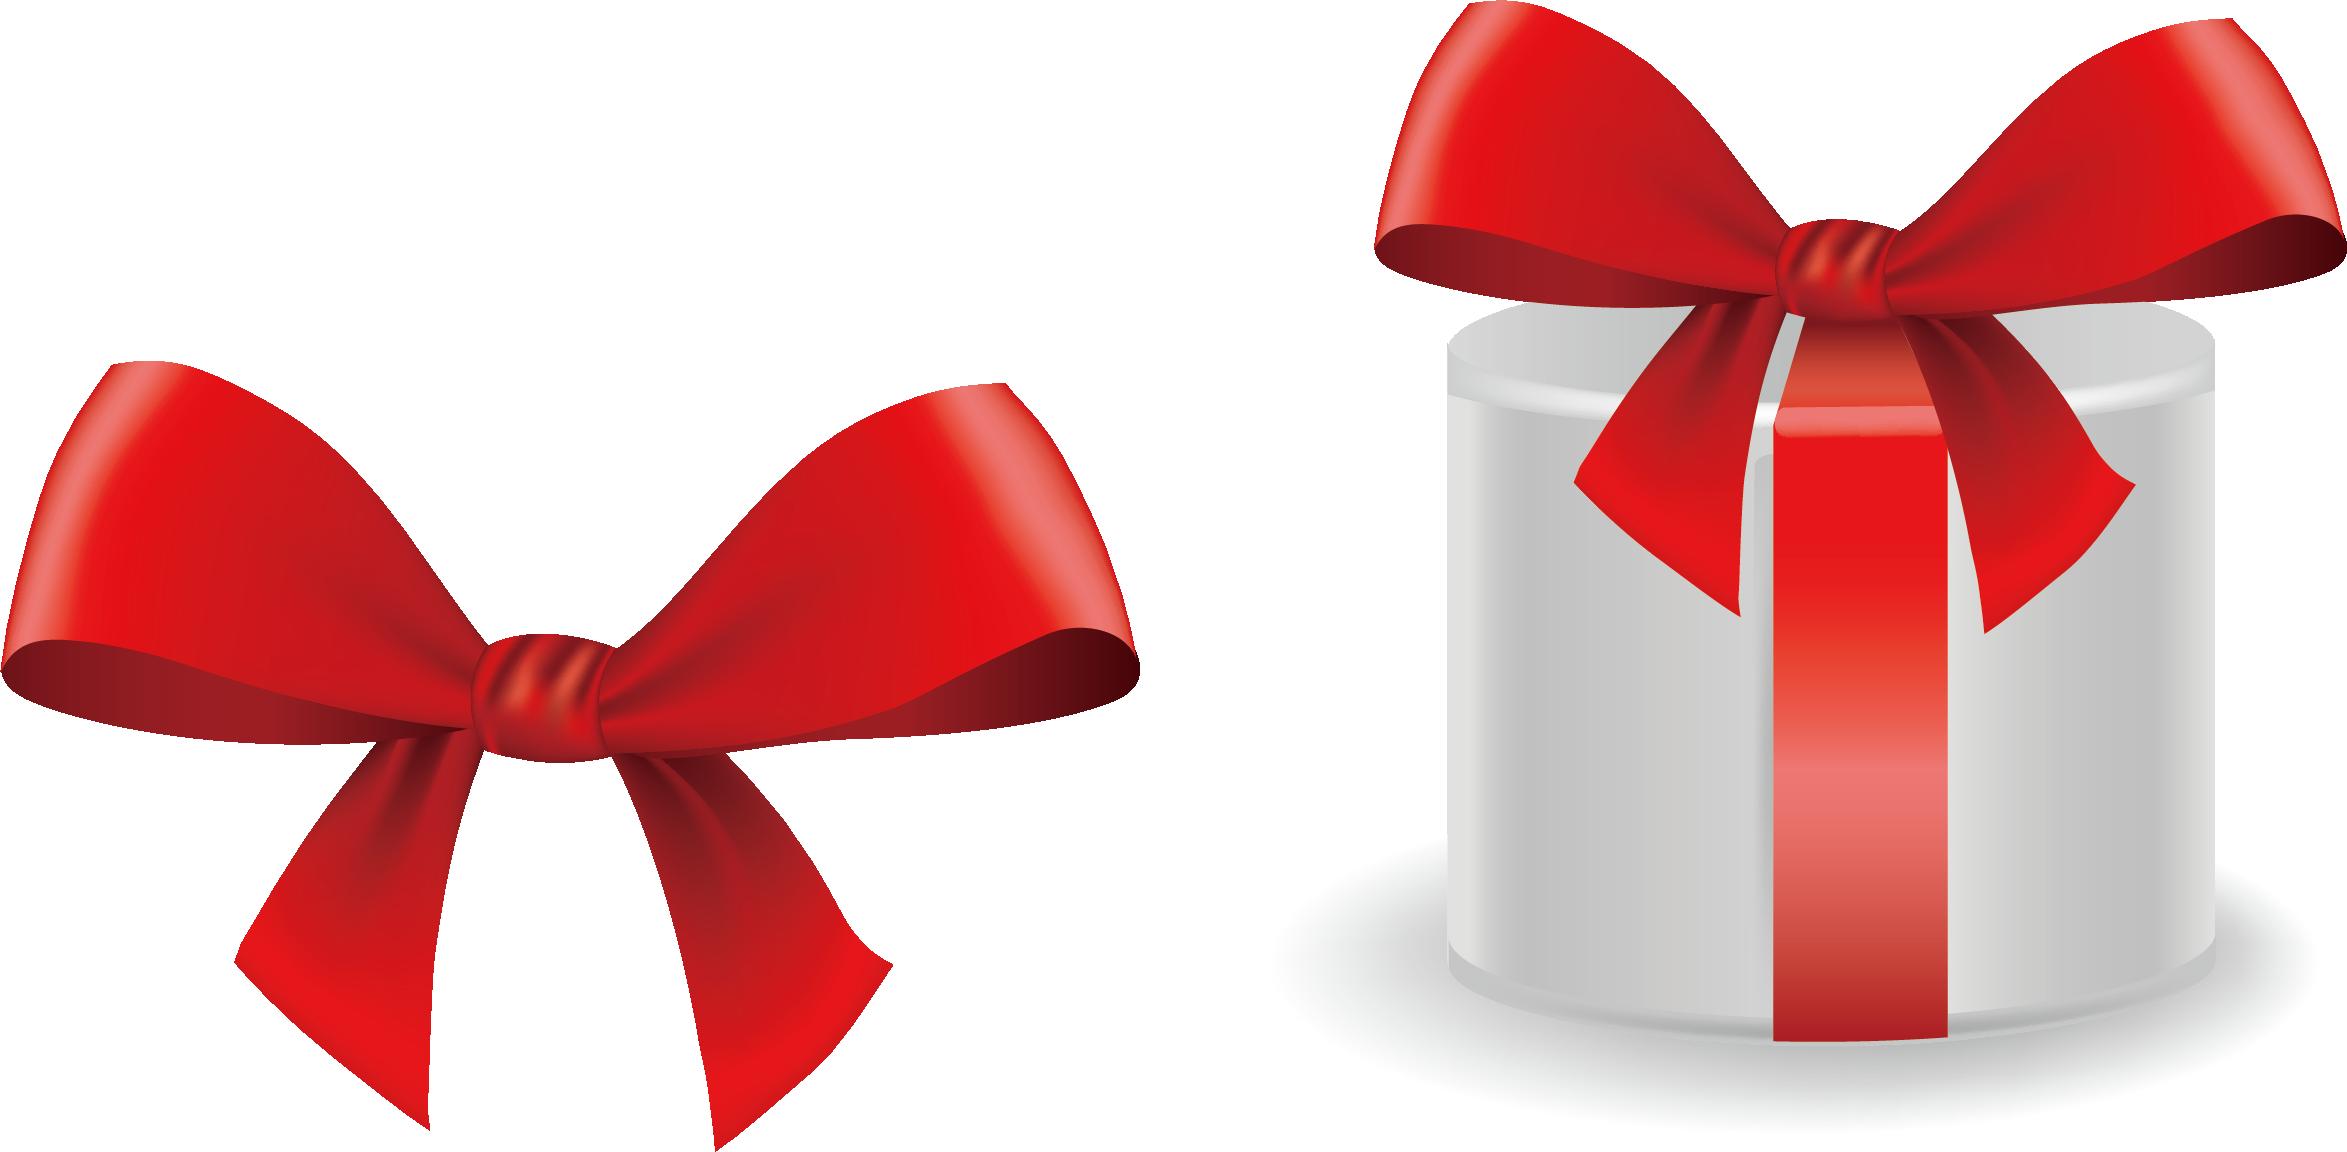 Gift clipart regalo. Cinta de rojo clip